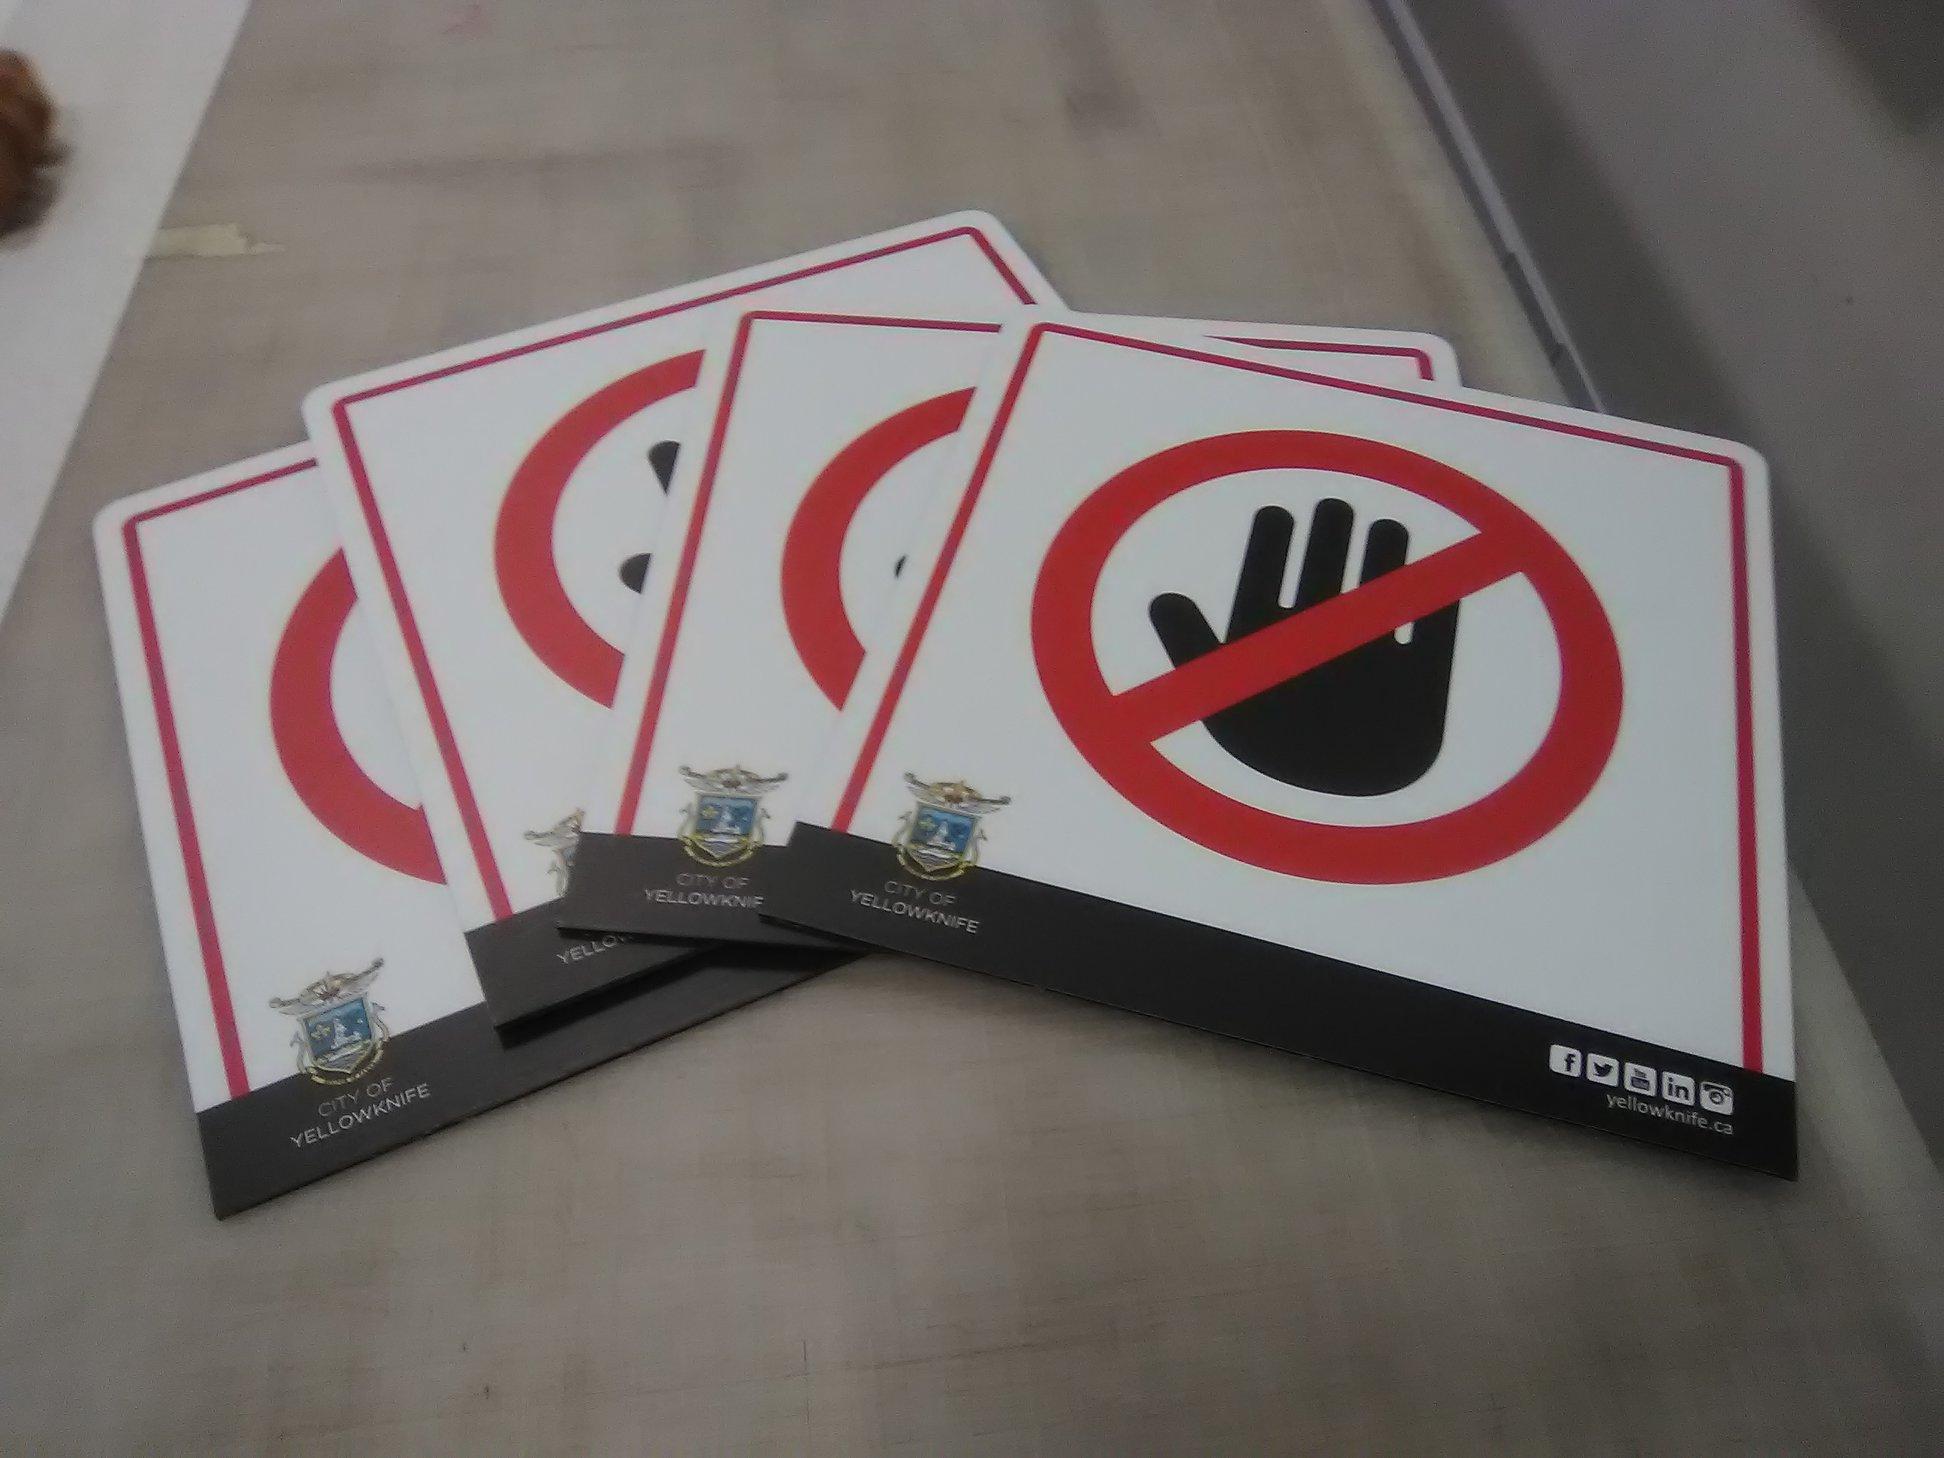 City of Yellowknife Prohibited Signage